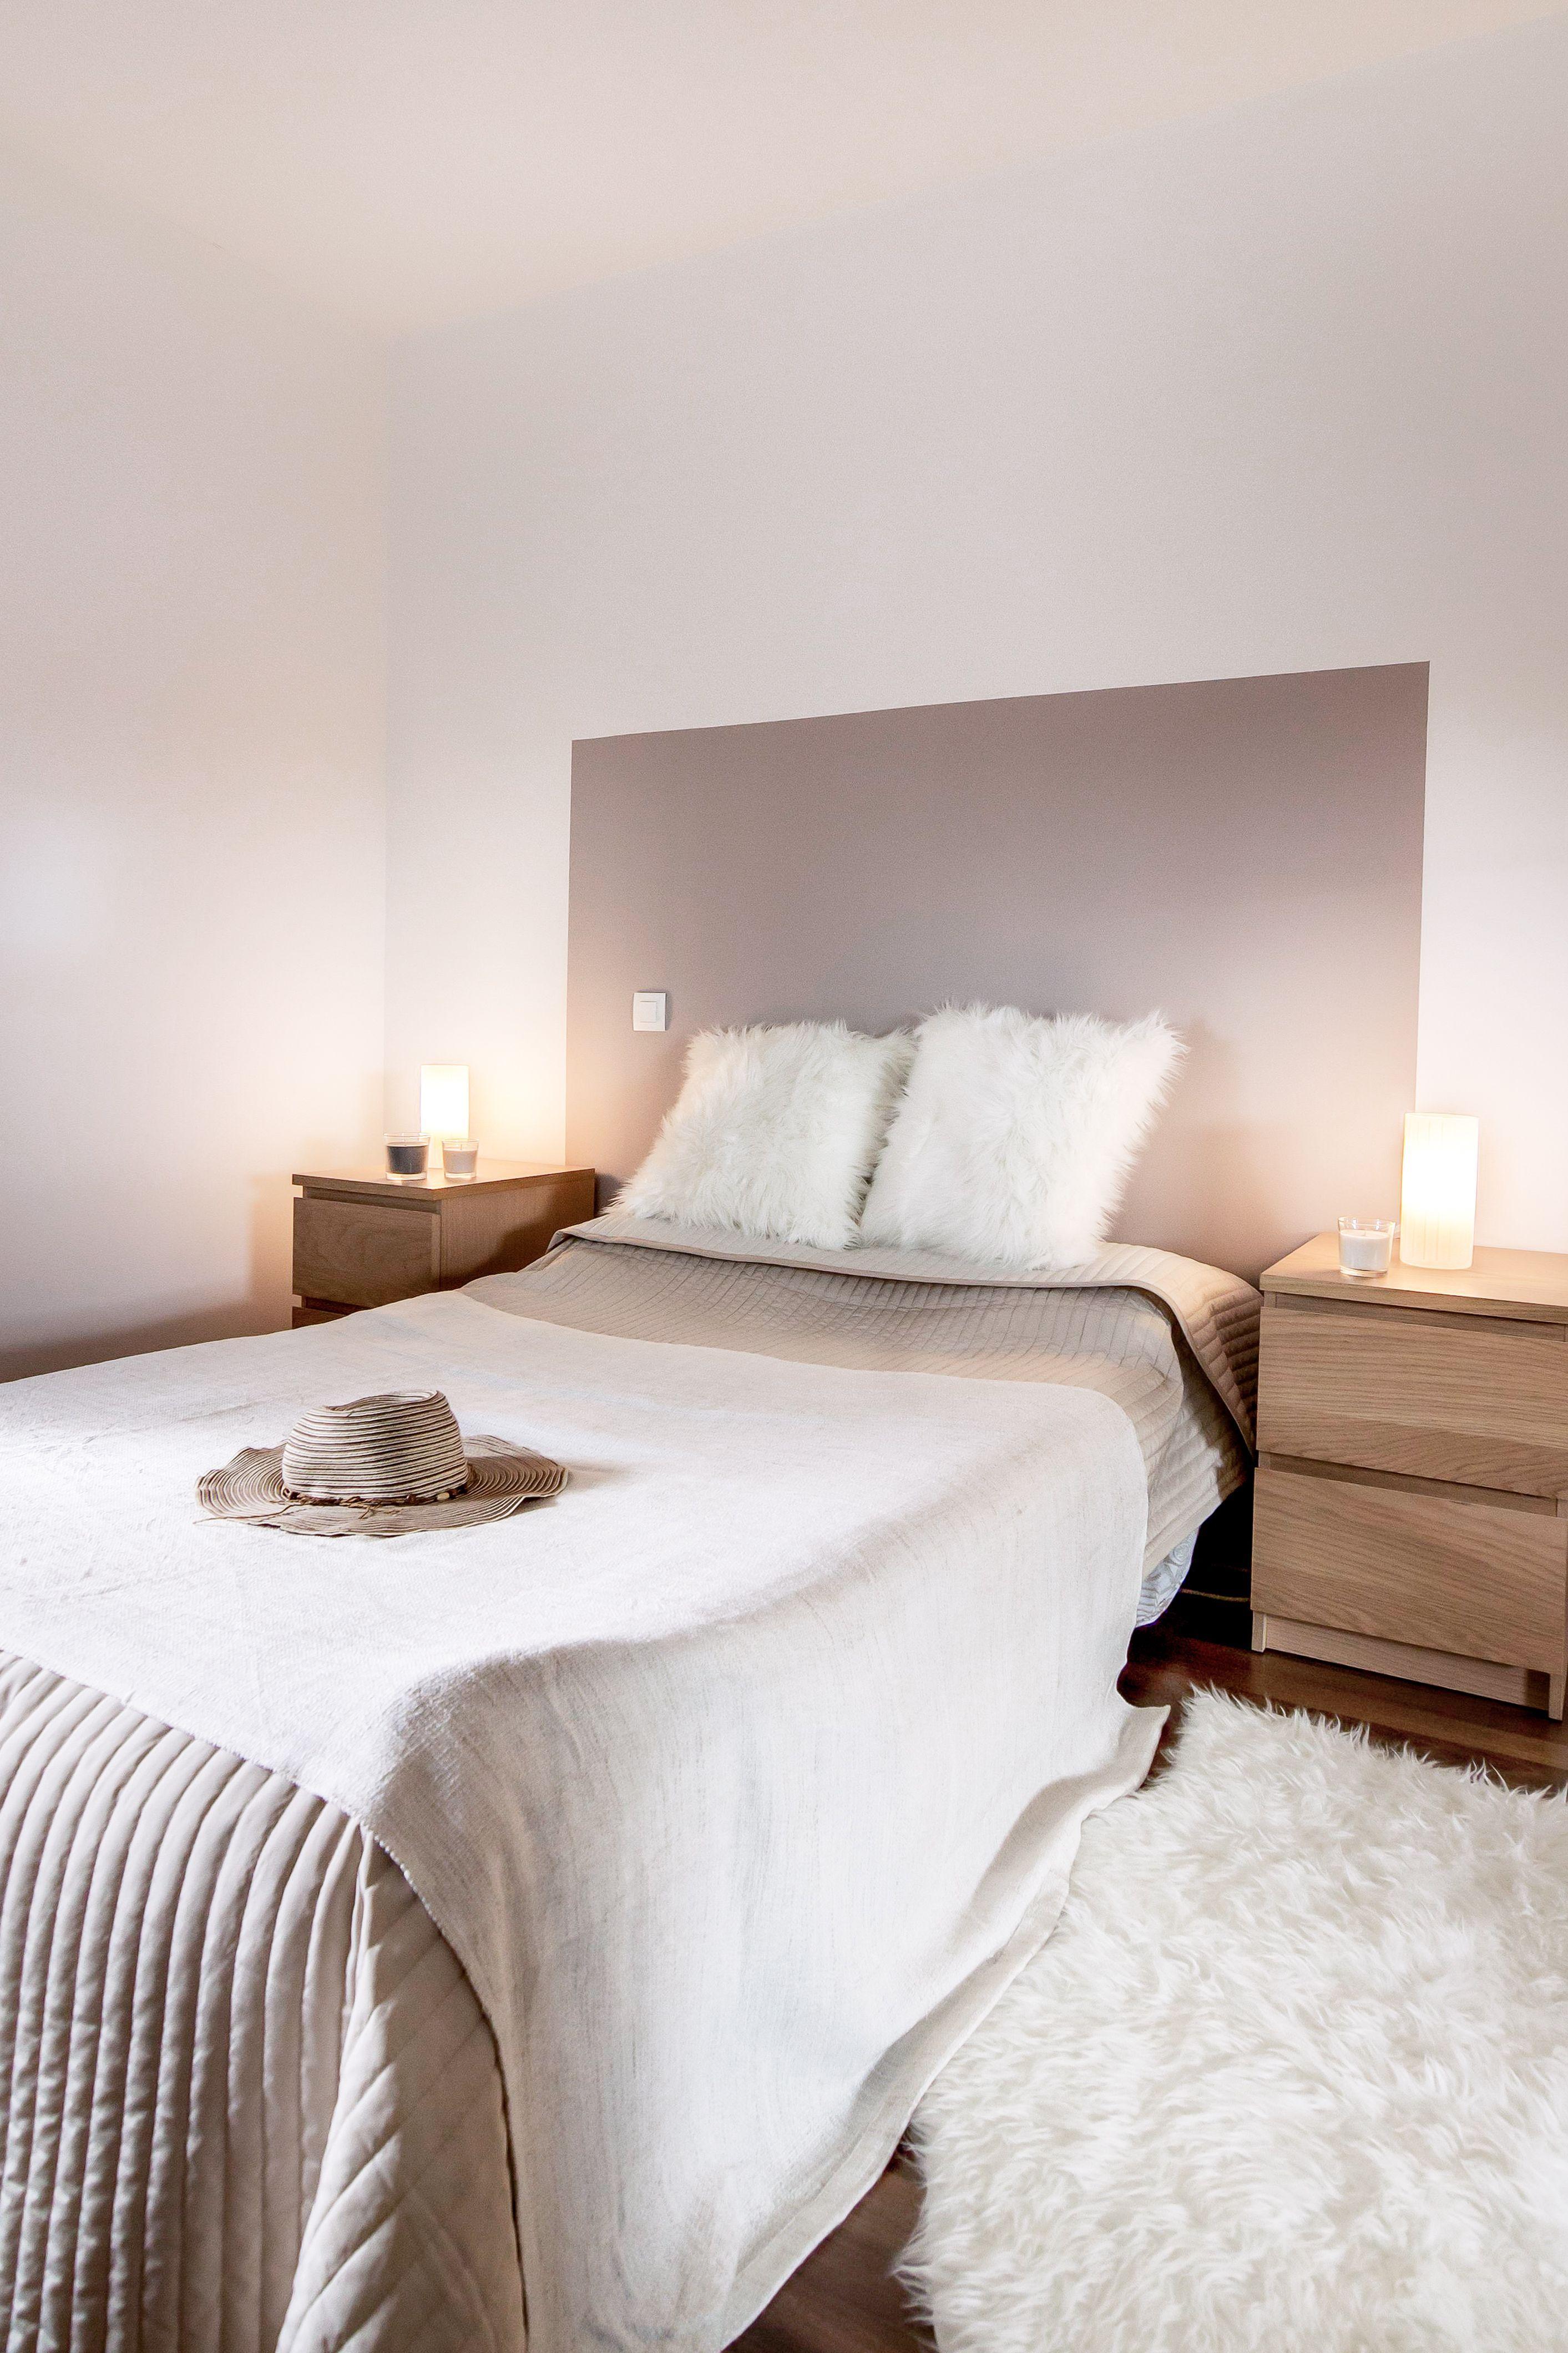 Chambre Decoration Taupe Et Blanc Beige Bois Diy Tete De Lit Peinture Chambre In 2020 Interior Design Bedroom Small Interior Design Bedroom Teenage Home Decor Bedroom